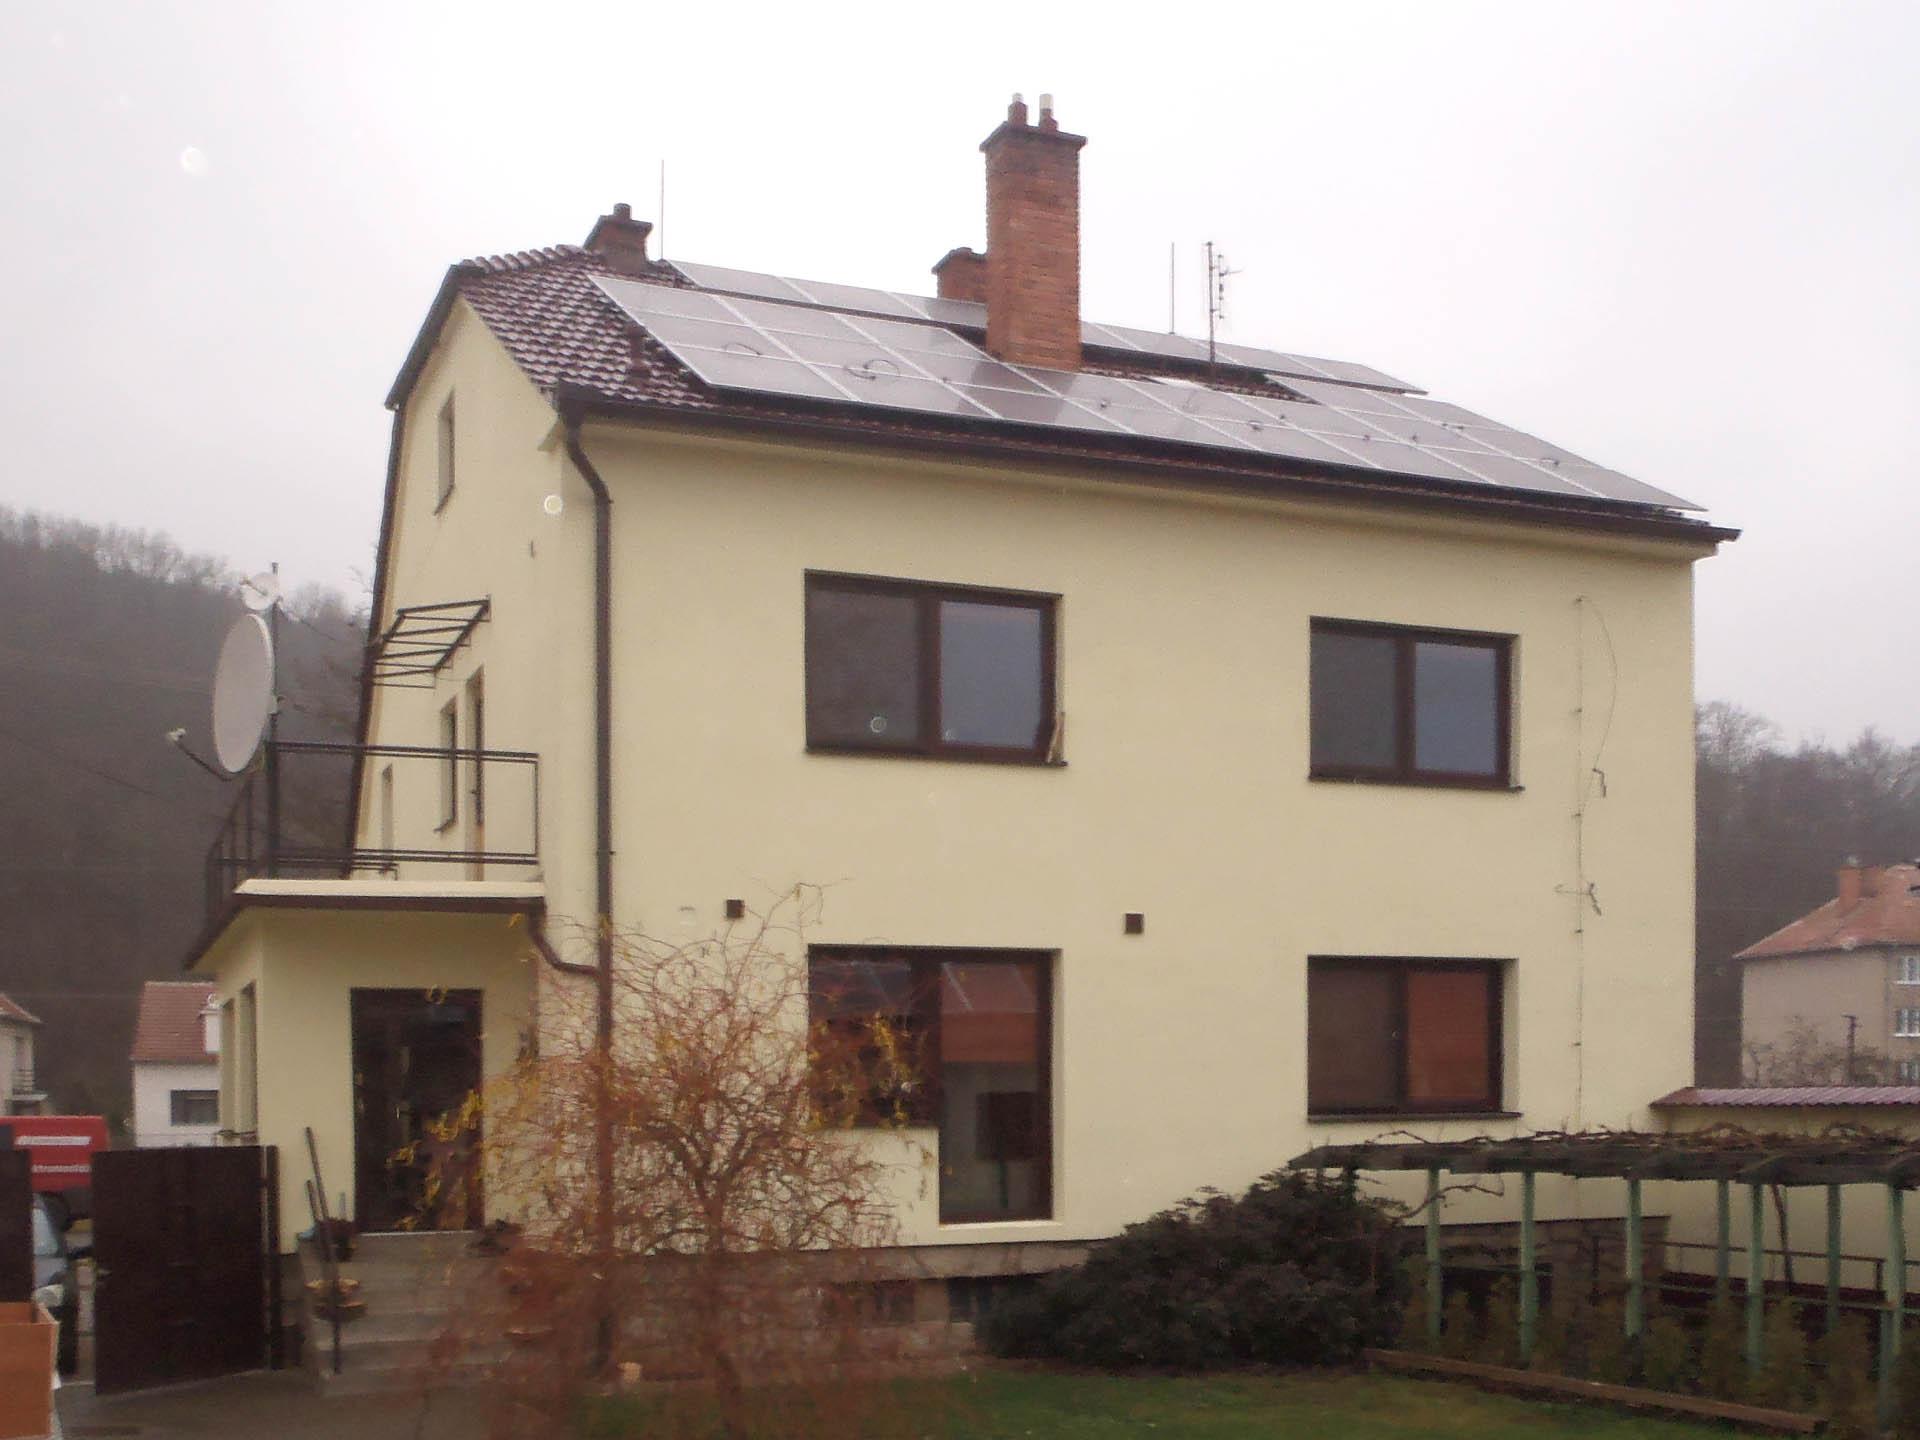 Rodinný dům a garáž, Veverská Bítýška. Instalace fotovoltaické elektrárny o výkonu 6 kWp.